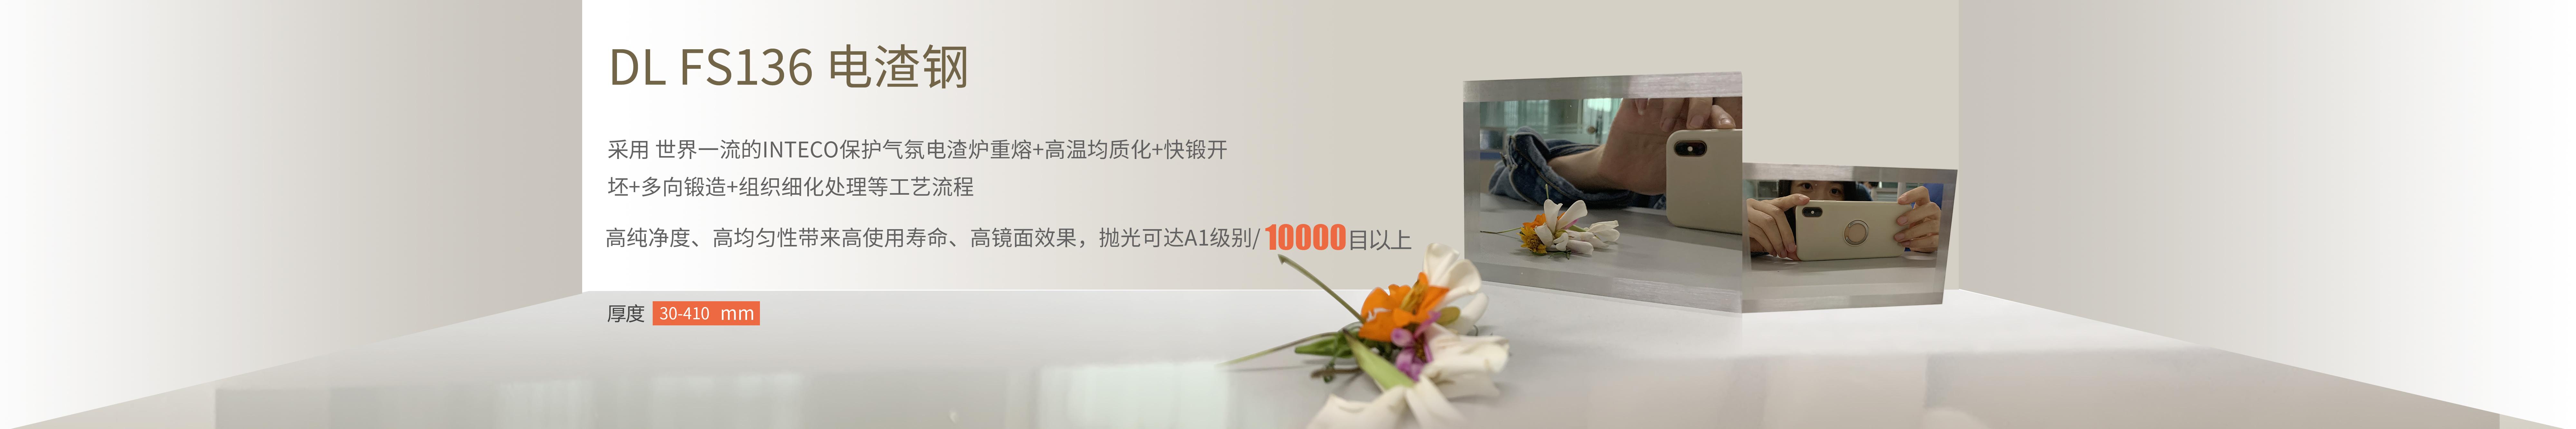 DL FS136 电渣钢:抛光可达A1级别 10000目以上